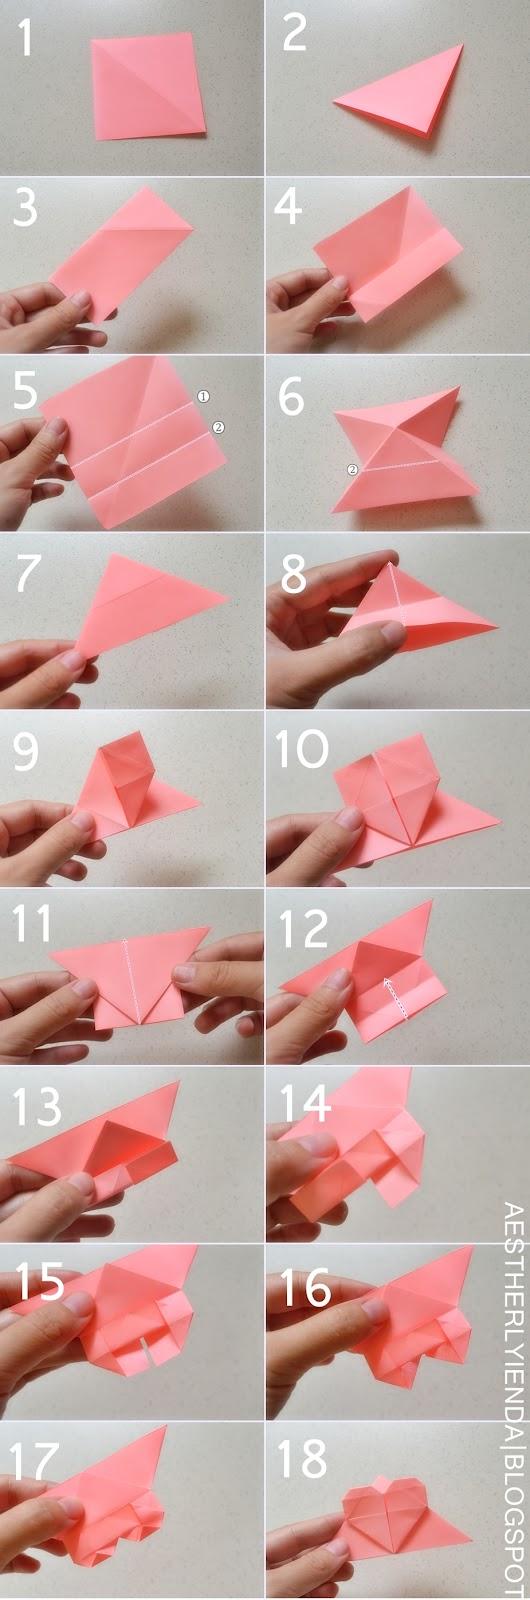 Что можно сделать для лд своими руками из бумаги 5